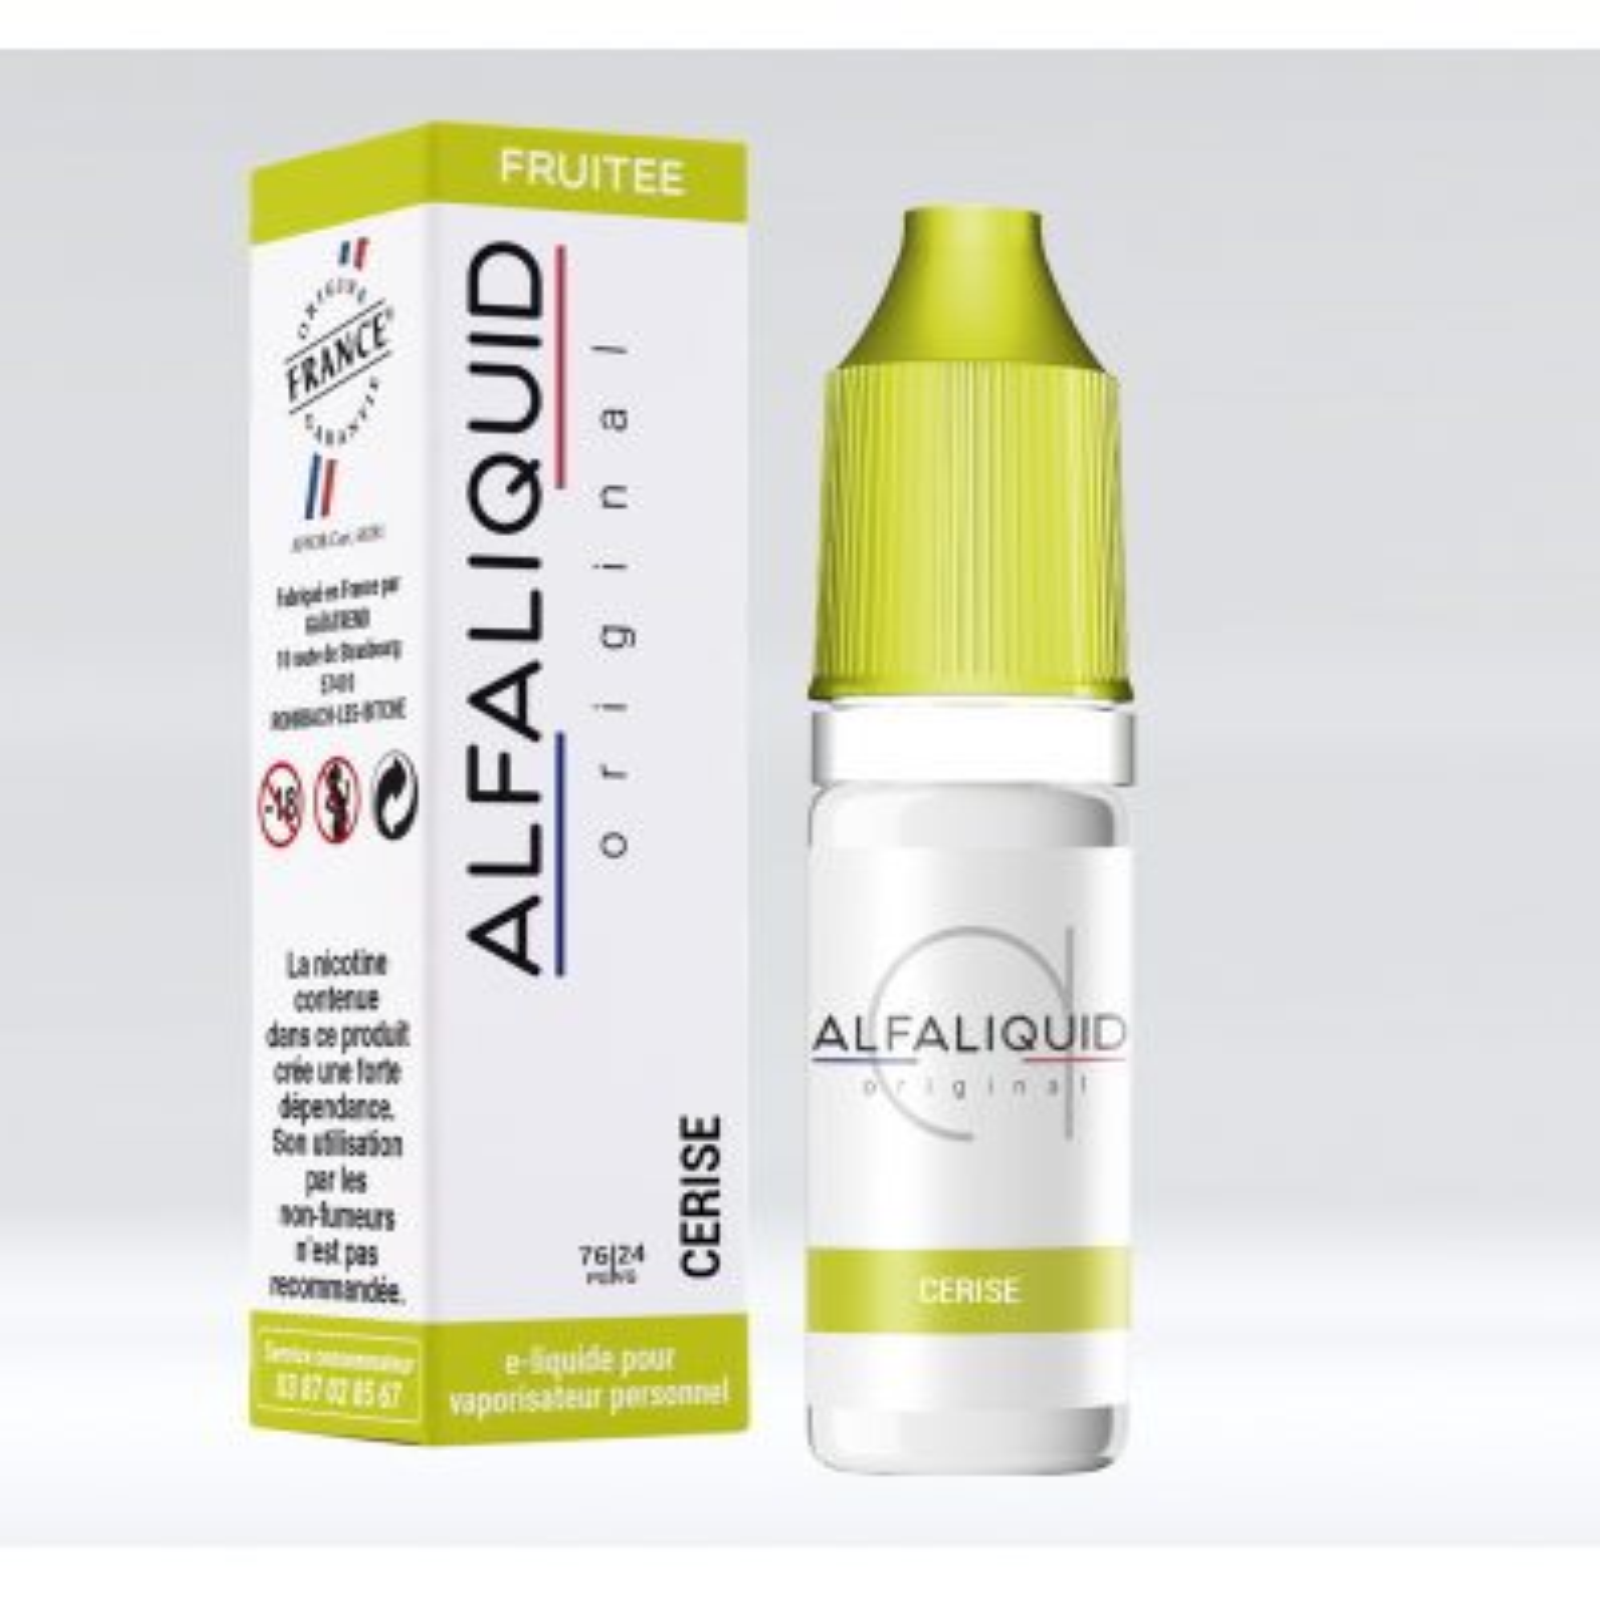 Cerise - Alfaliquid